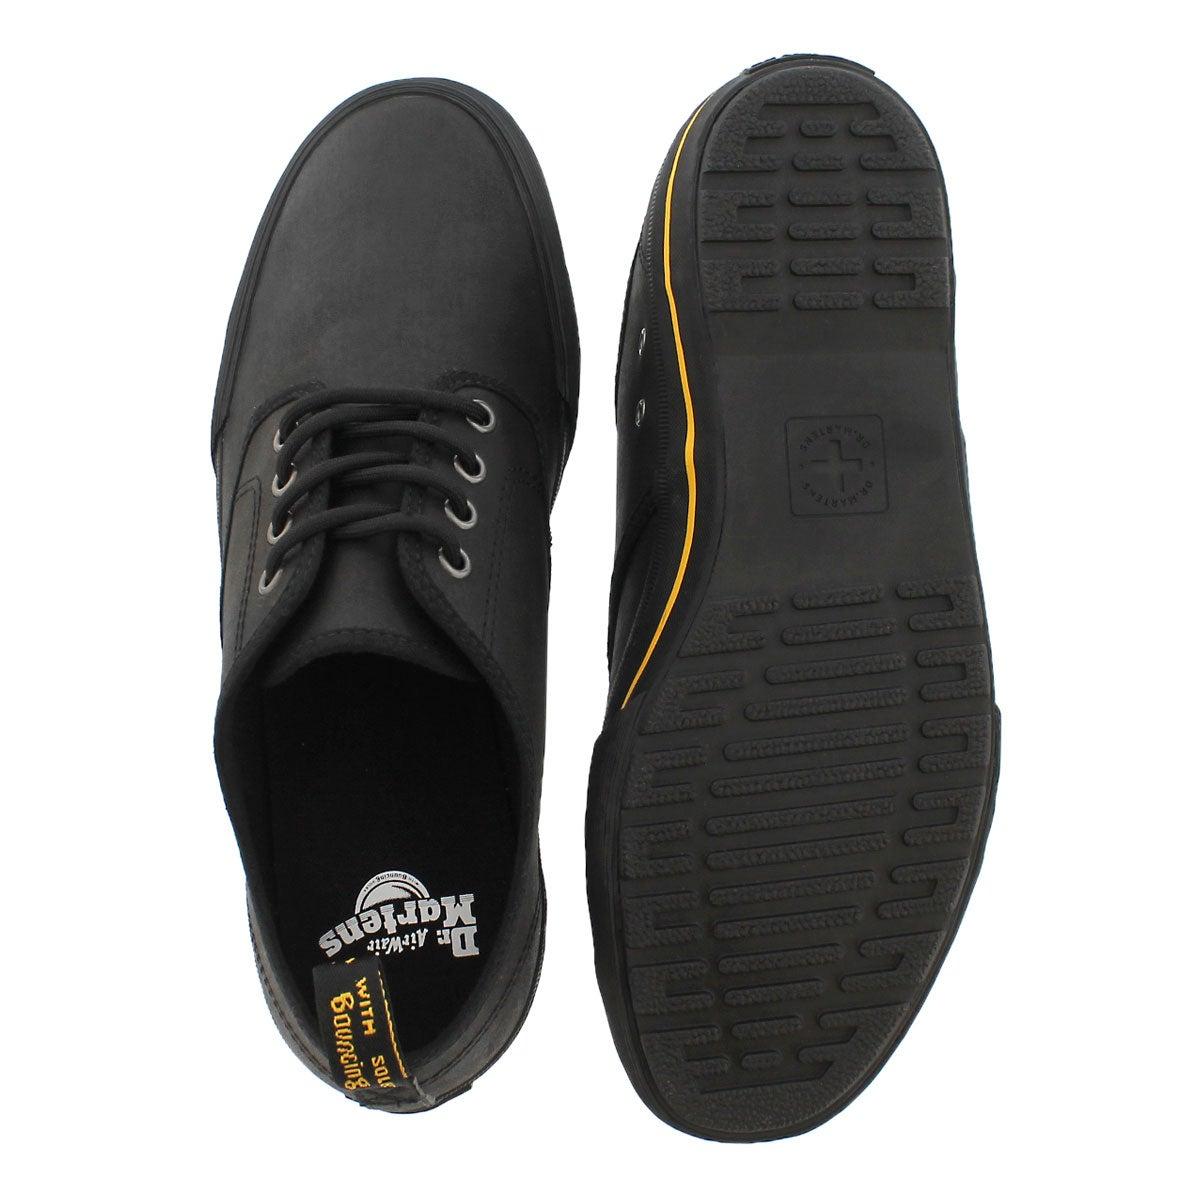 Mns Pressler Lamper blk lace up sneaker